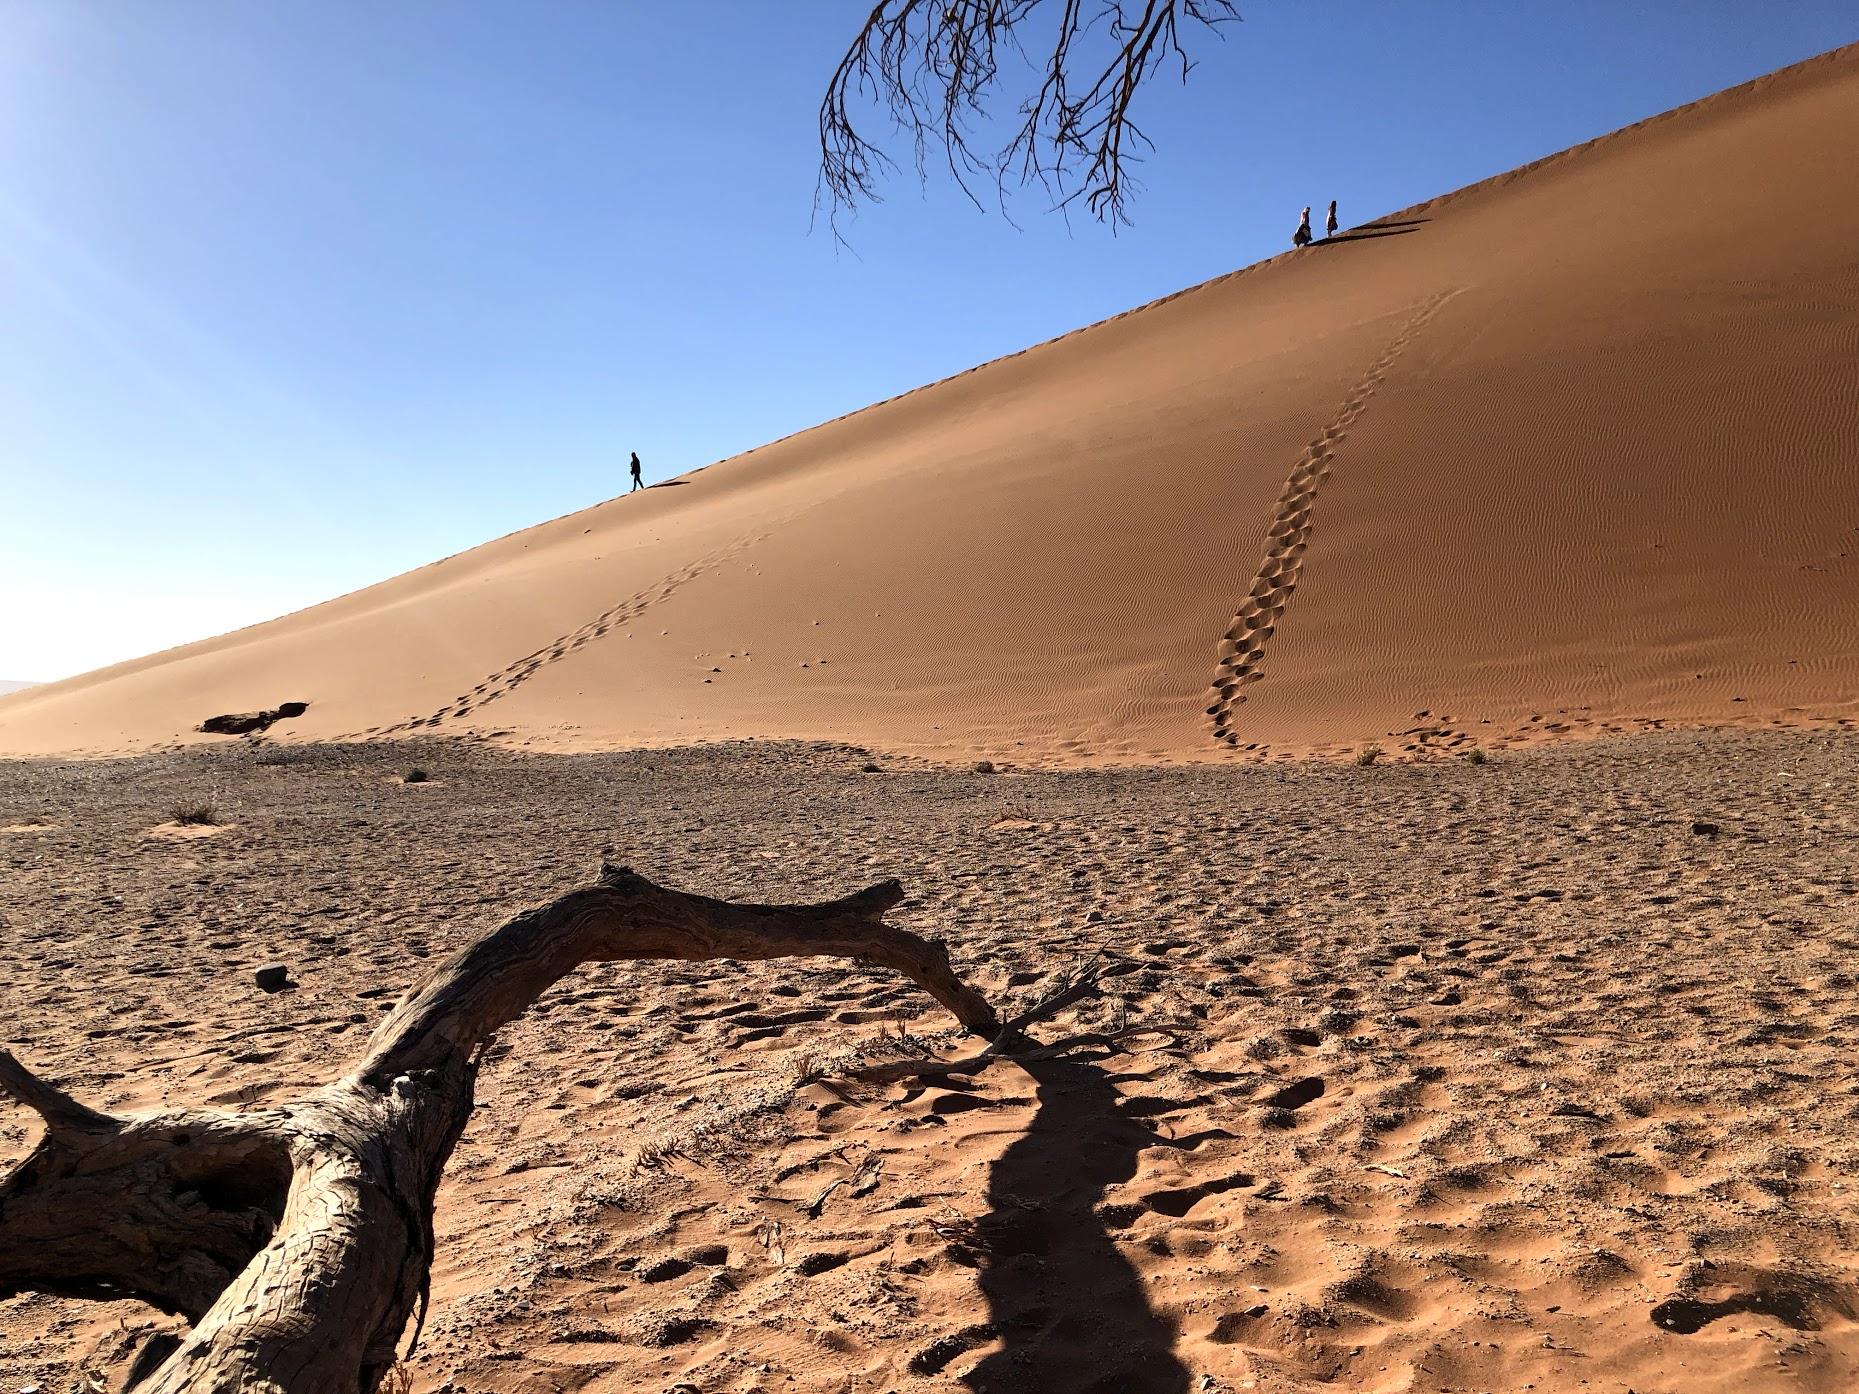 Sand dunes at Sossusvlei, Namibia (2018)